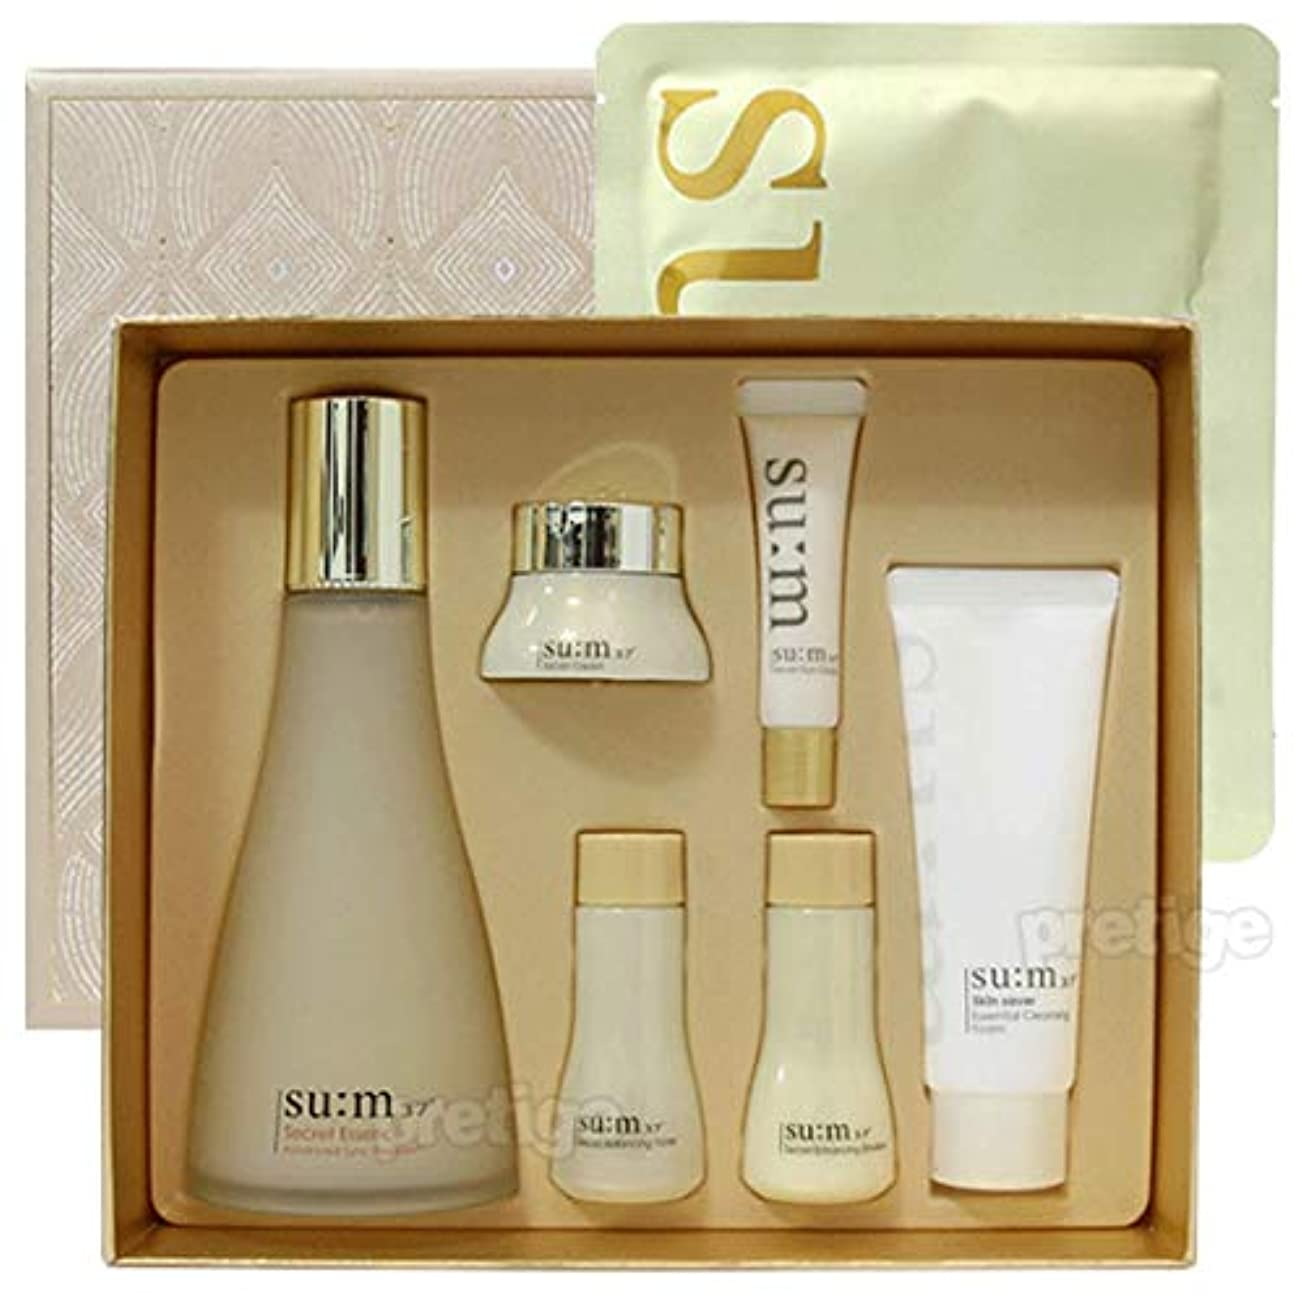 職人超越するあなたは[su:m37/スム37°] SUM37 Secret Essence SPECIAL 150ml Limited Edition/シークレットエッセンススペシャルリミテッドエディション+[Sample Gift](海外直送品)